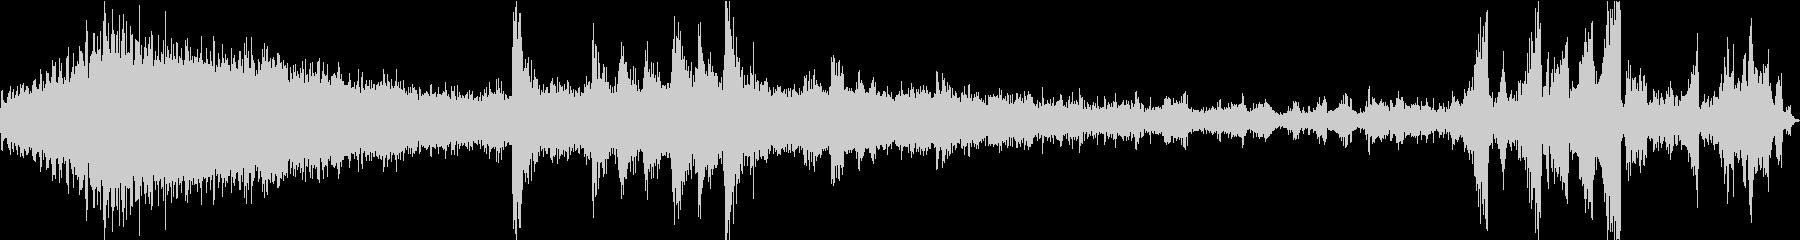 FMラジオ的ジングル4の未再生の波形